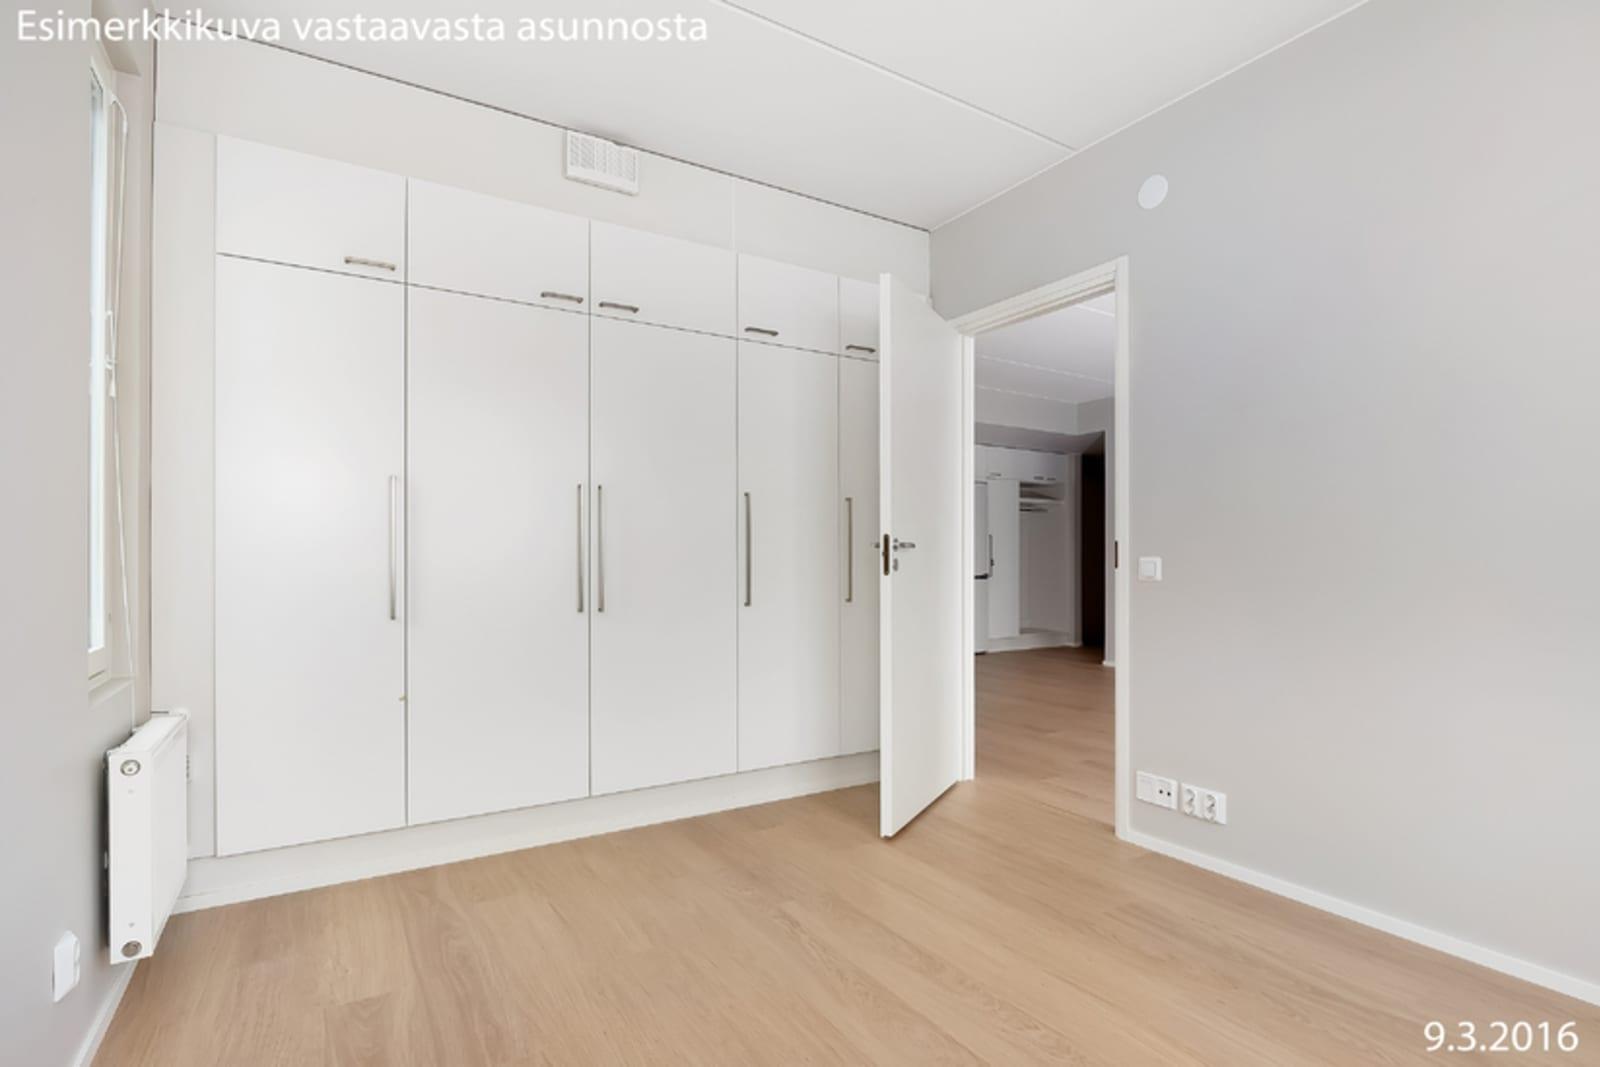 Vantaa, Rajakylä, Sompakuja 2-4